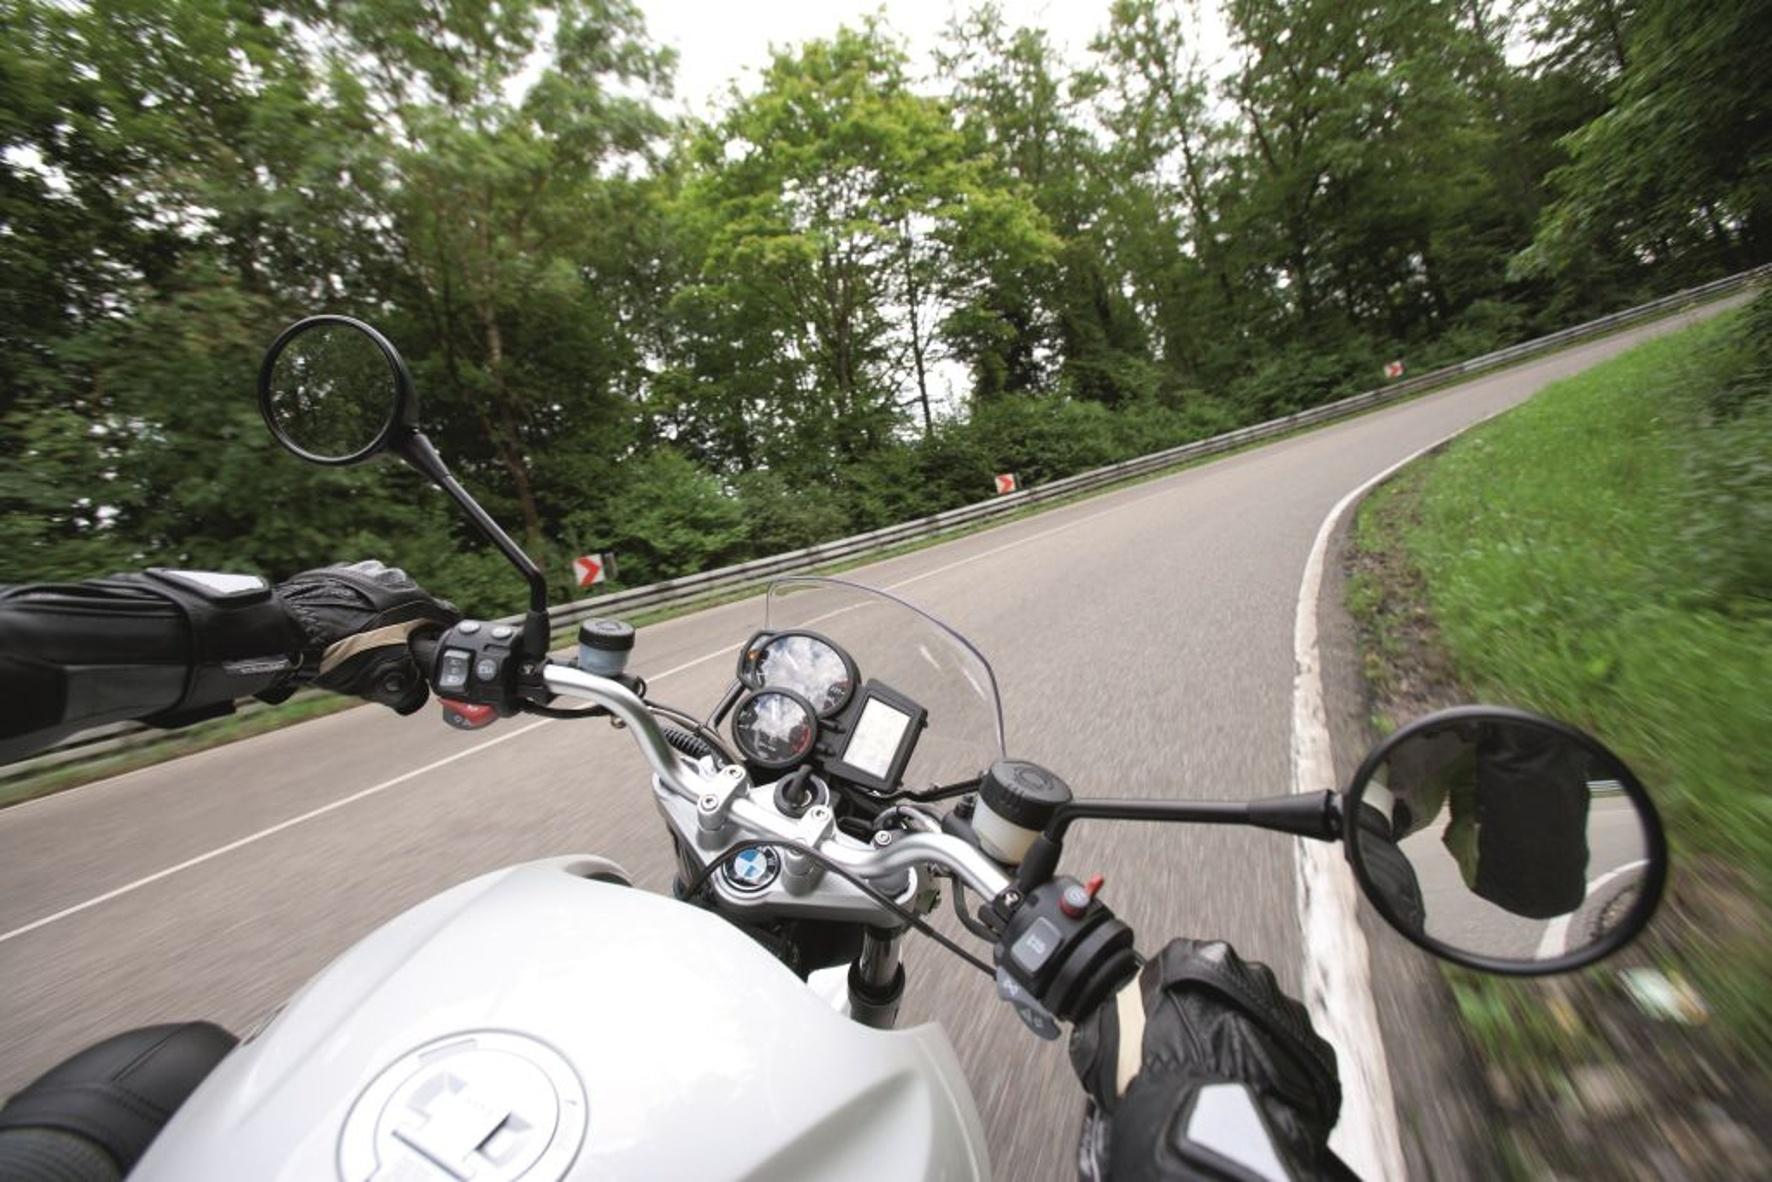 Biker-Strecke im Märkischen Kreis: Vollsperrung ist rechtswidrig